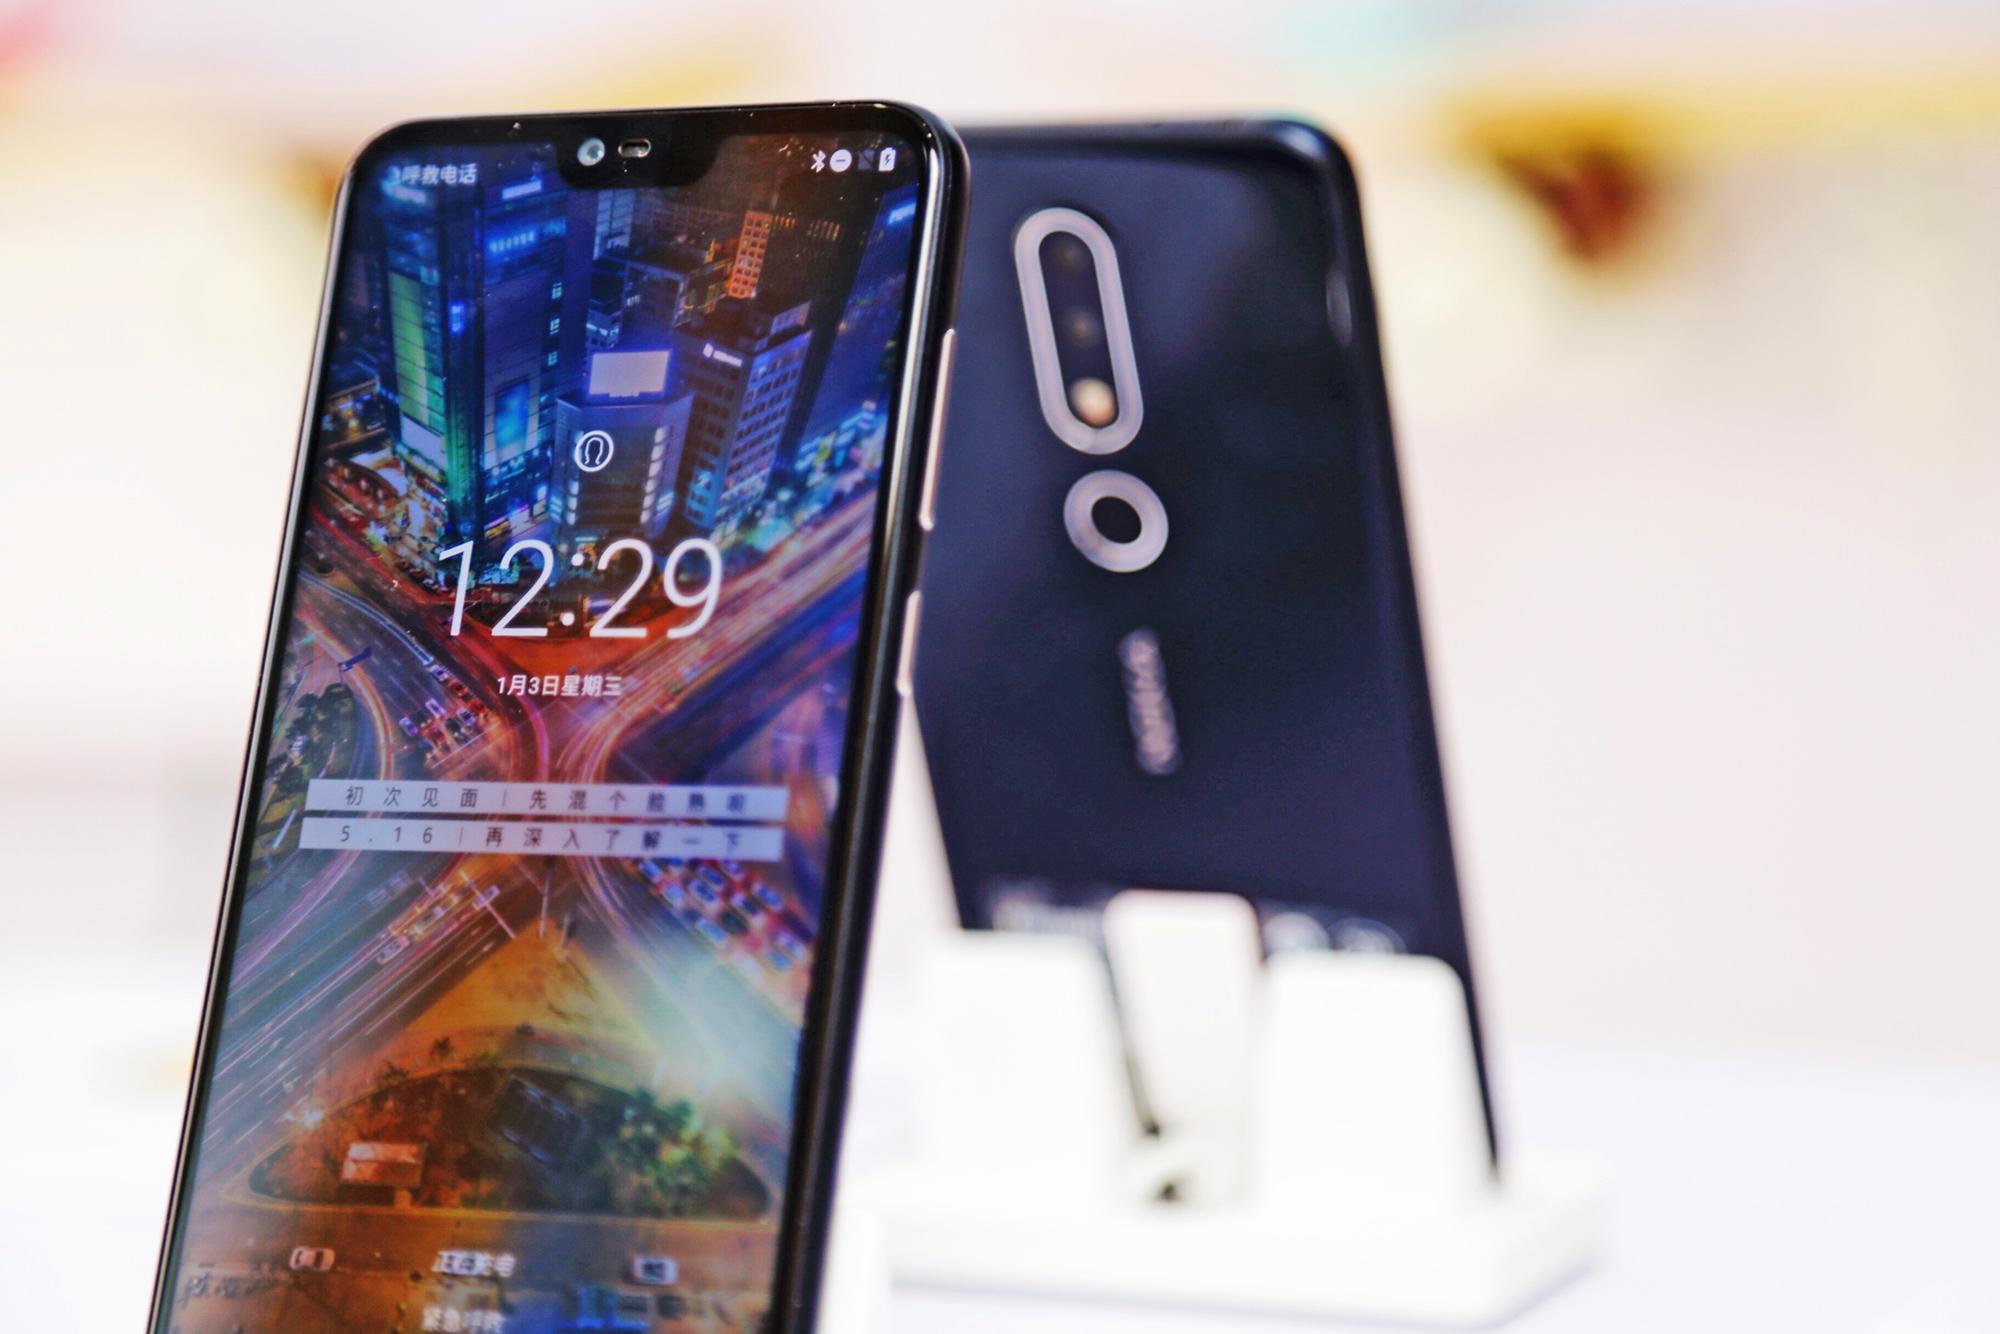 Nokia veröffentlicht Bild des kommenden Nokia X